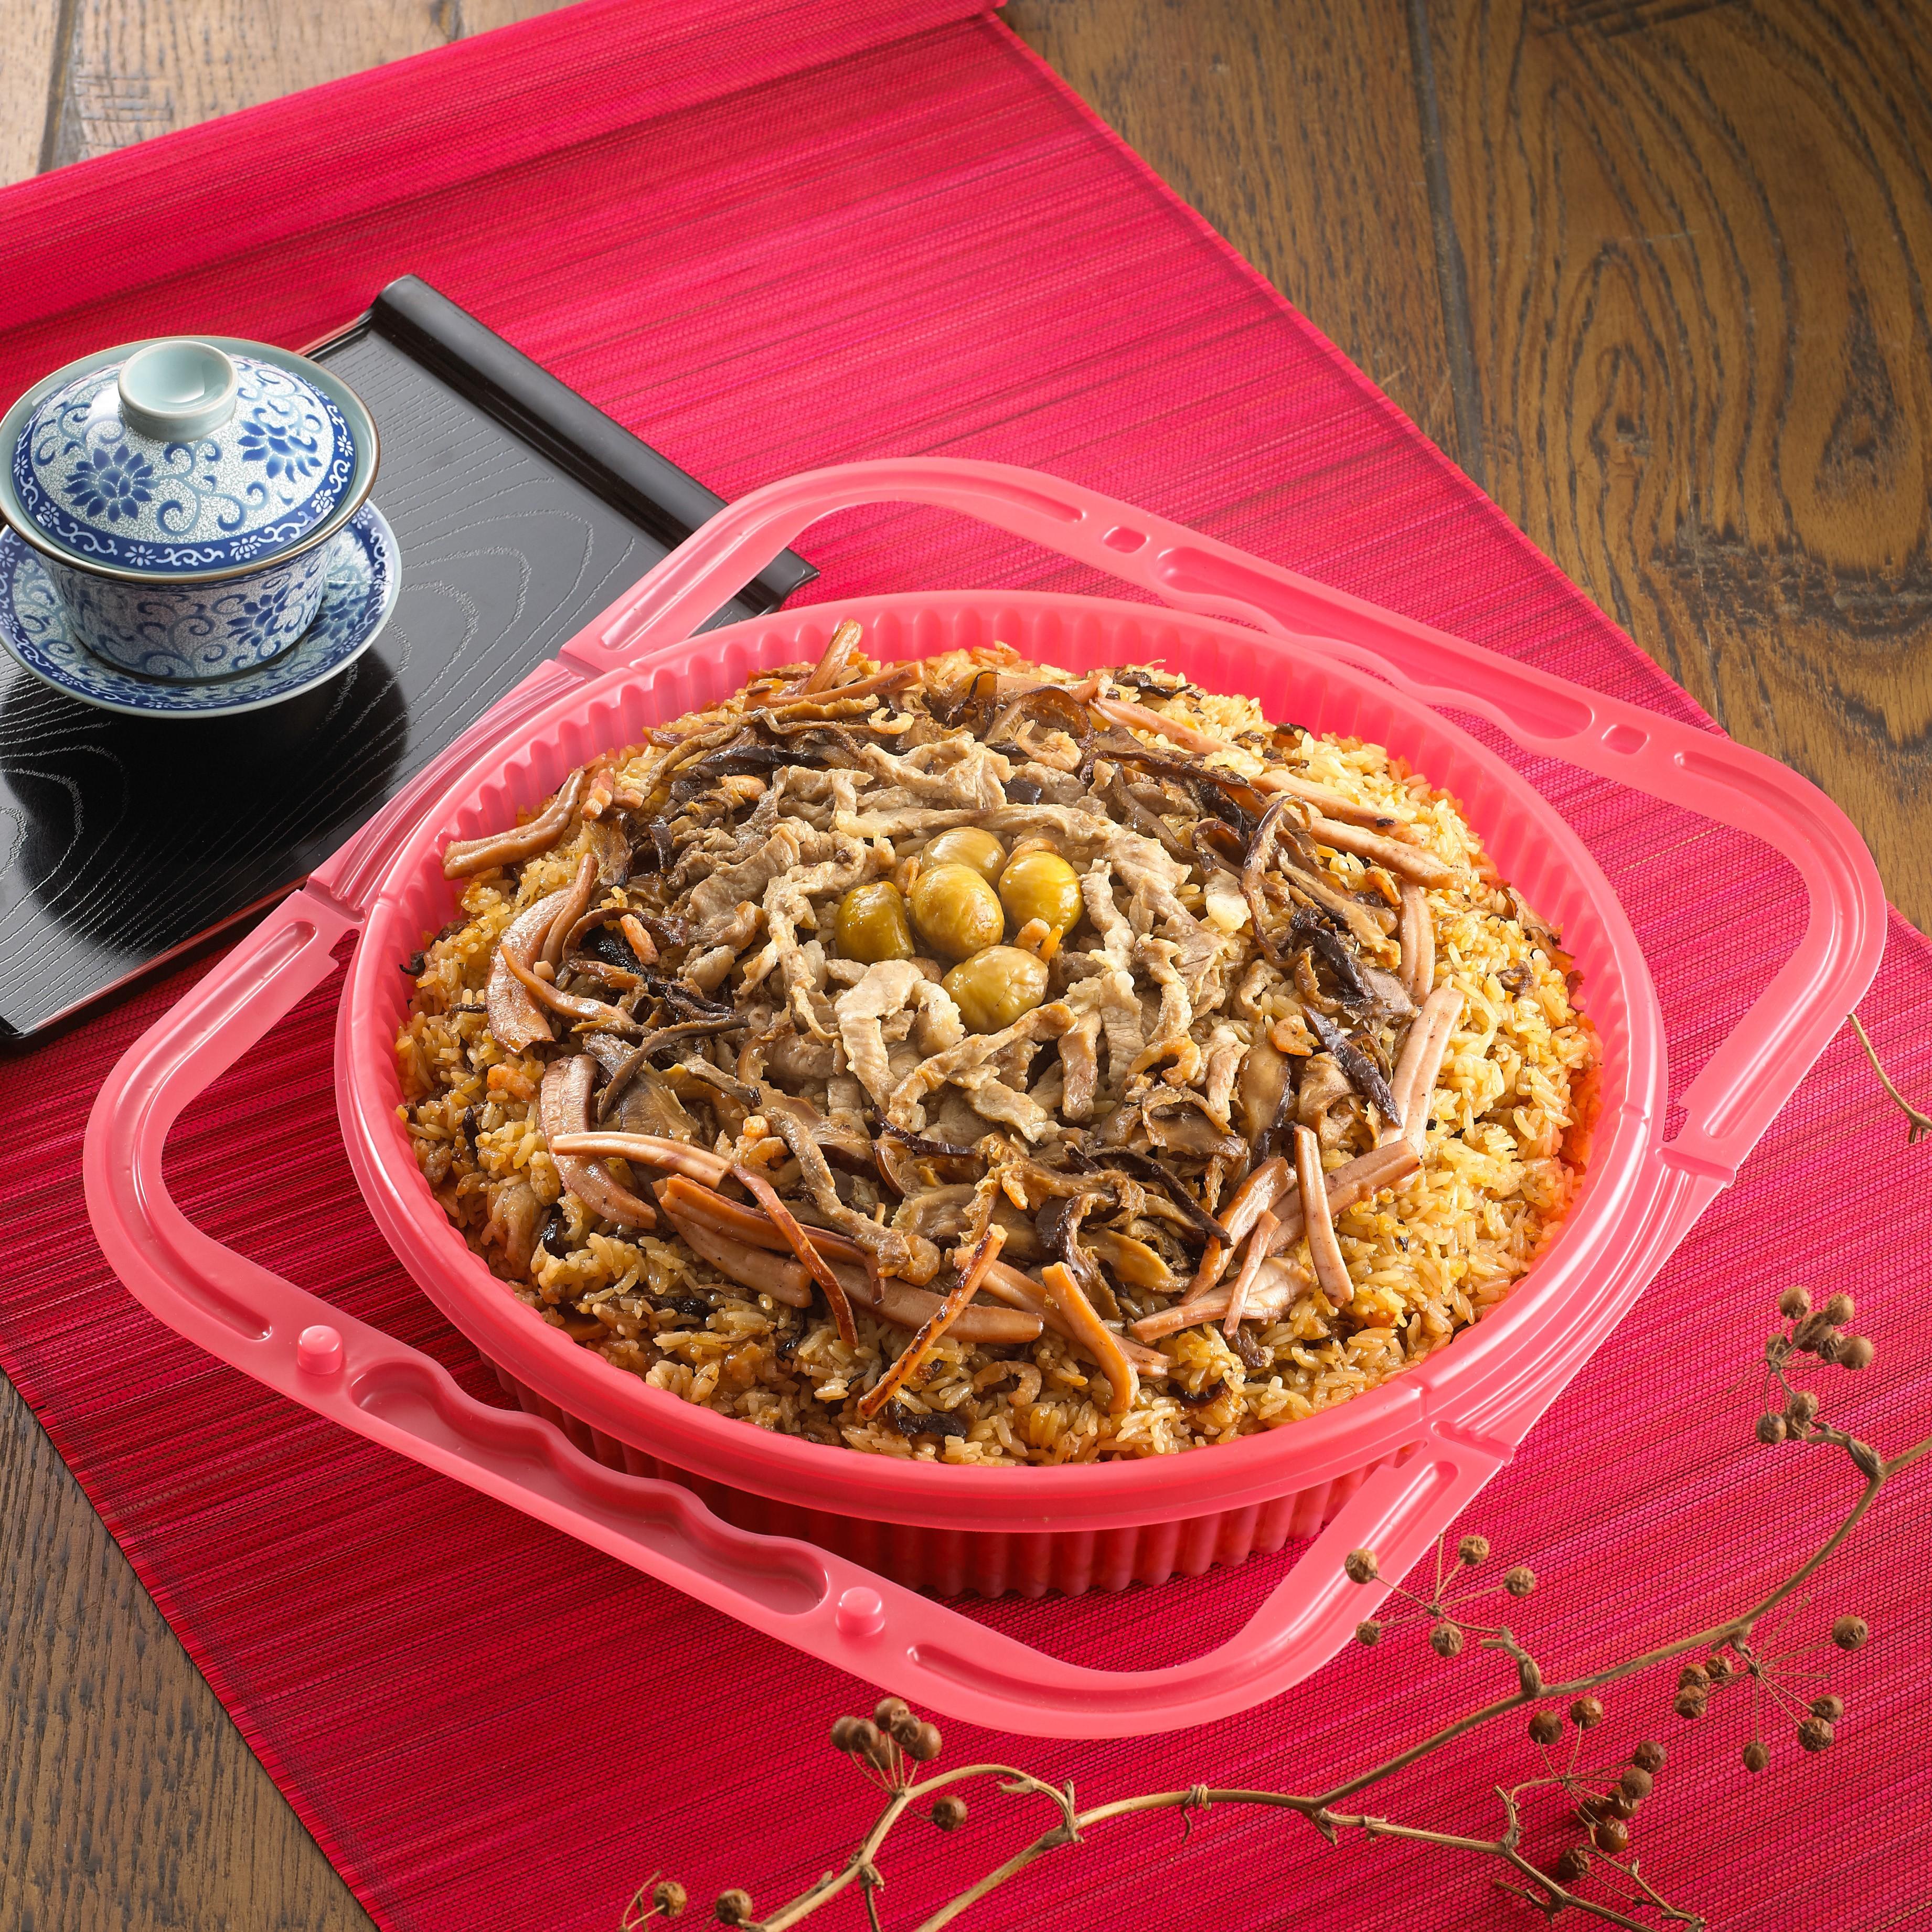 滿意謝盤-5斤(油飯5斤)$500 建議售價:$500元 材料:油飯5斤、栗子、香菇、 瘦肉、蝦仁